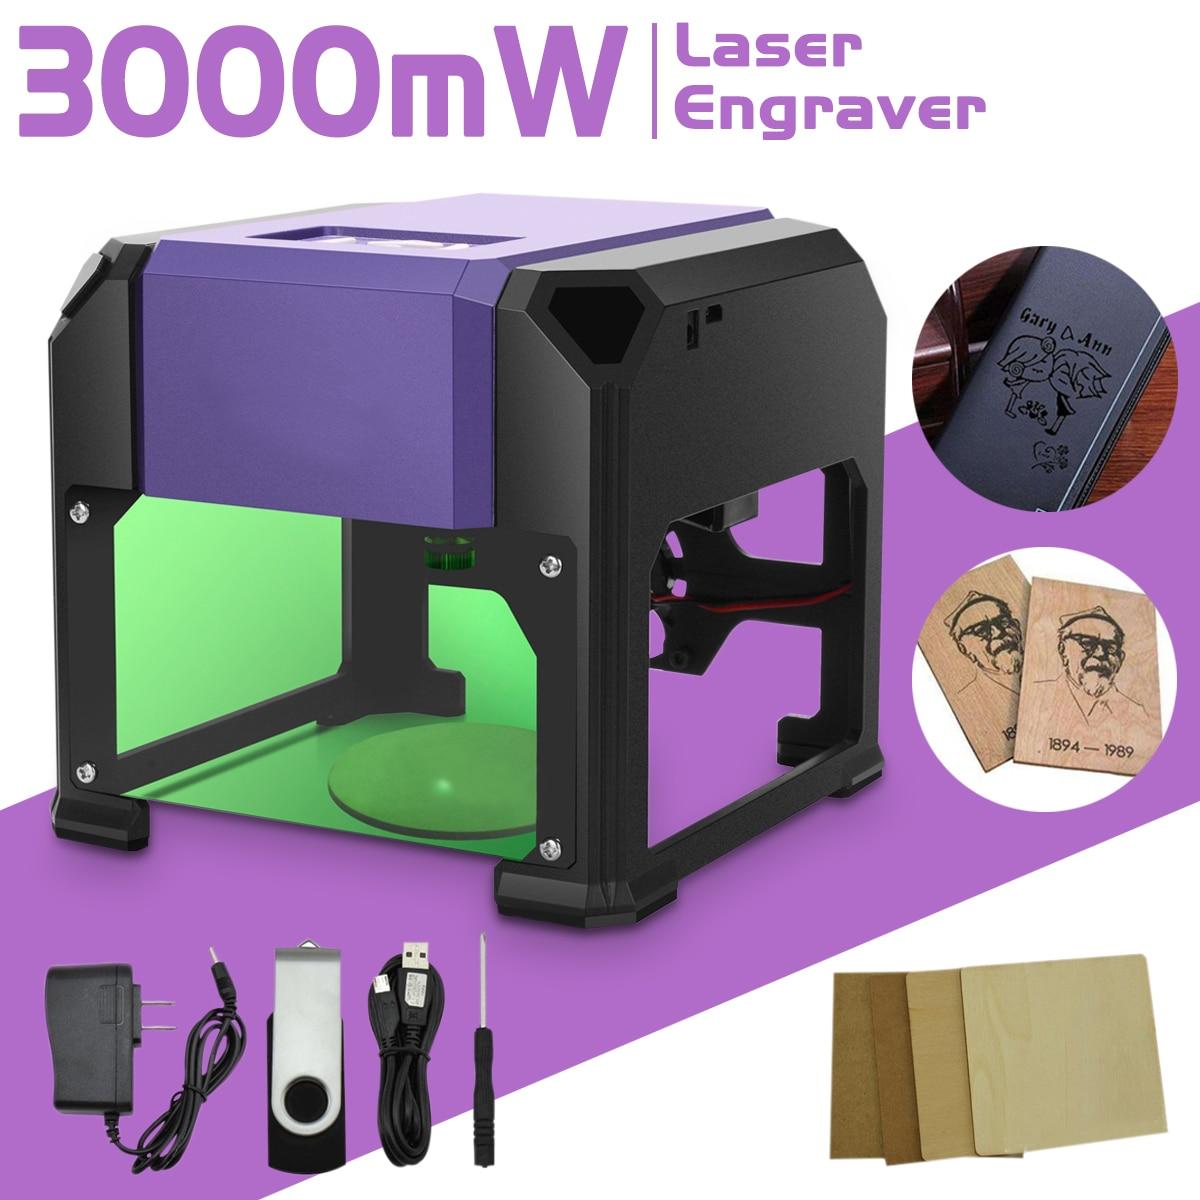 3000 mw USB Desktop Laser Engraver Macchina FAI DA TE Logo Marchio Taglierina Stampante Laser CNC Intagliare Macchina 80x80mm incisione Gamma